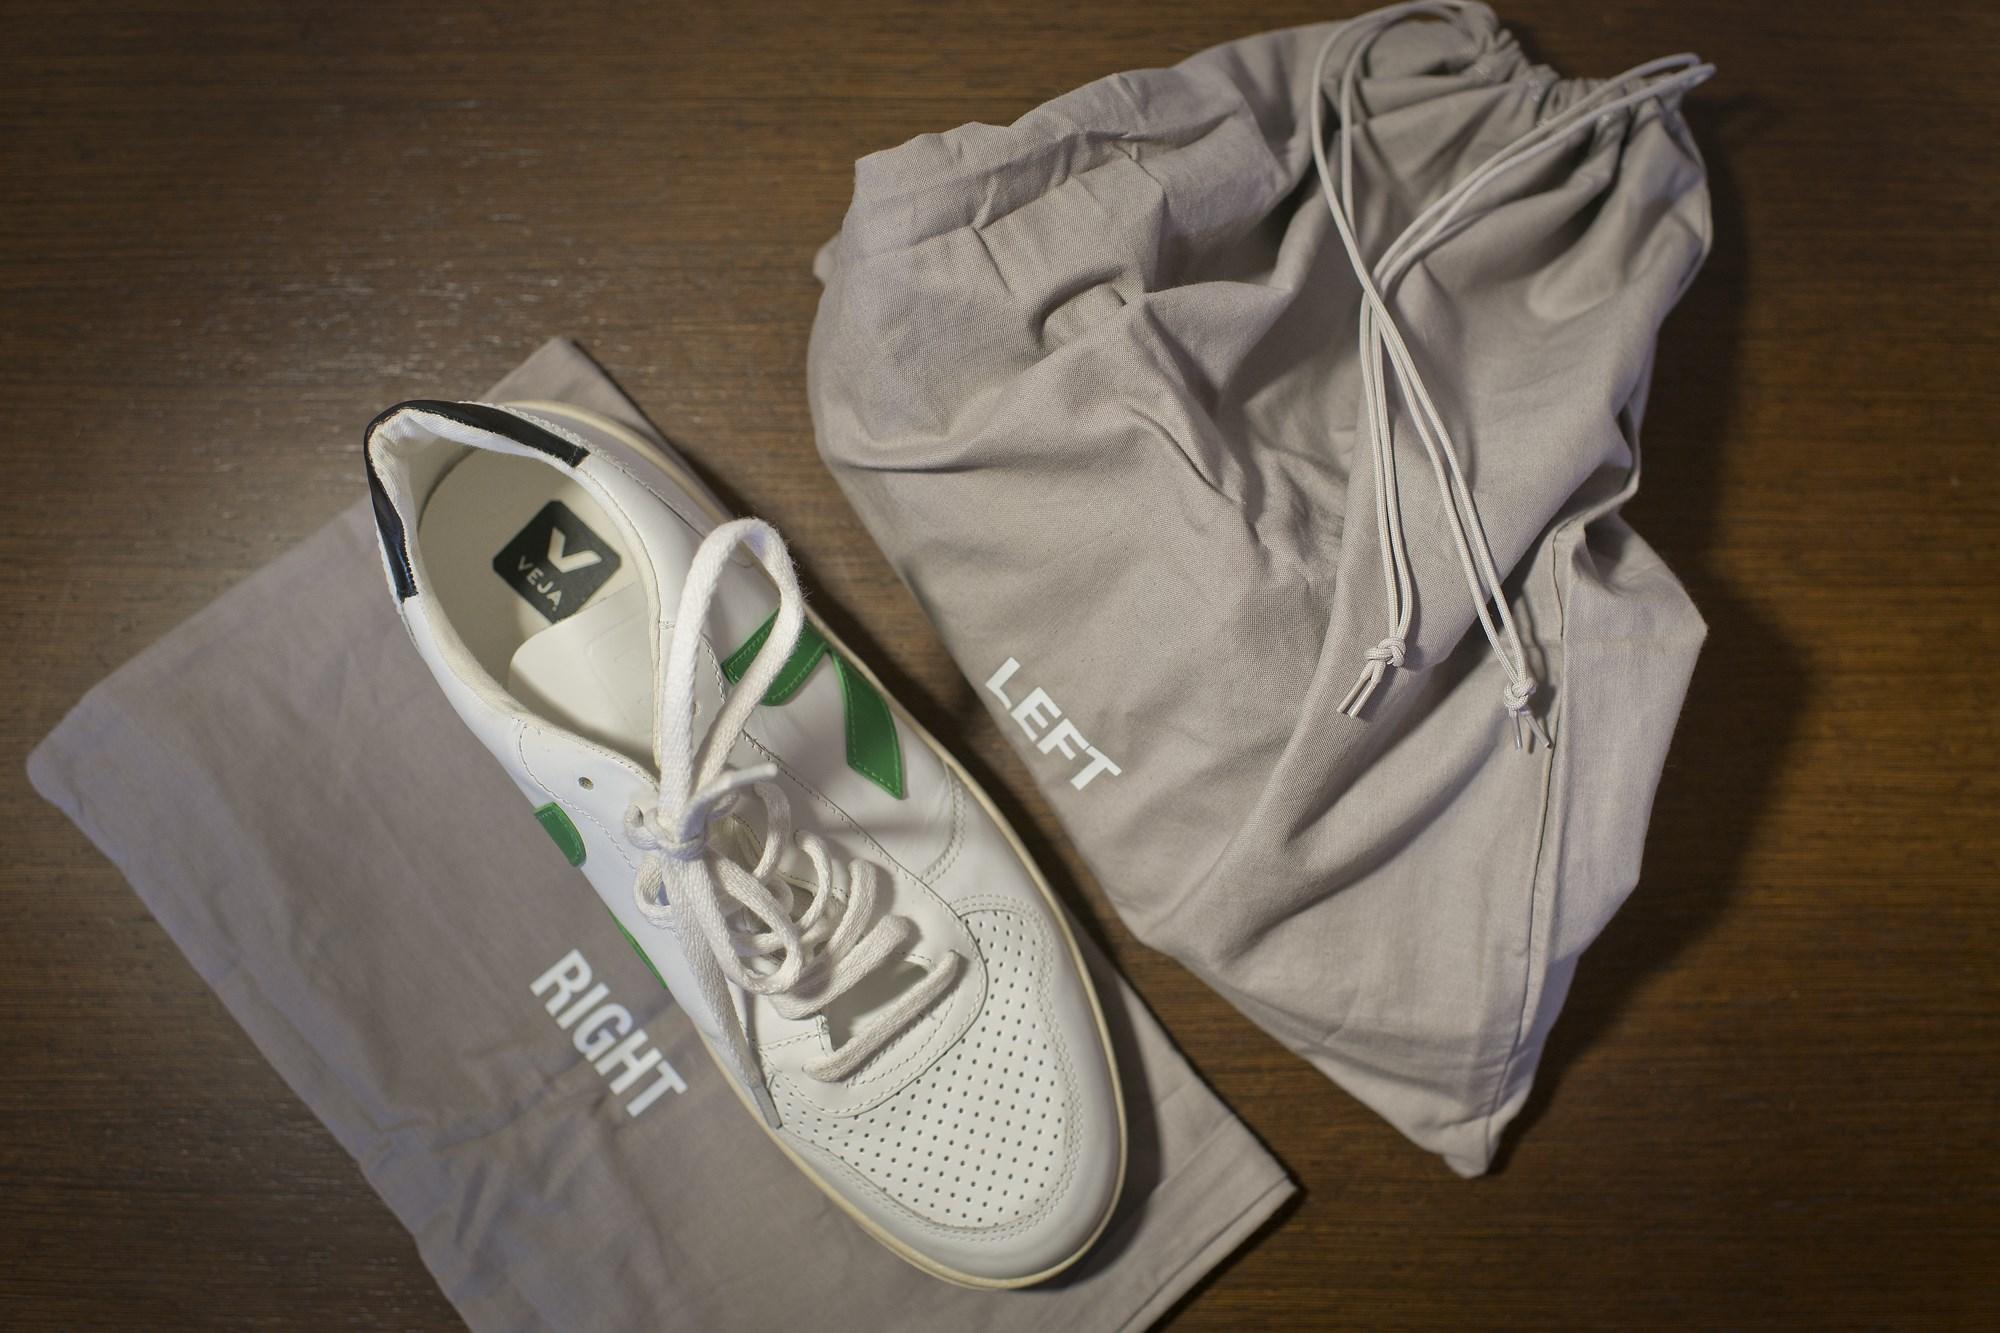 Para llevar el calzado, mejor bolsas de tela.